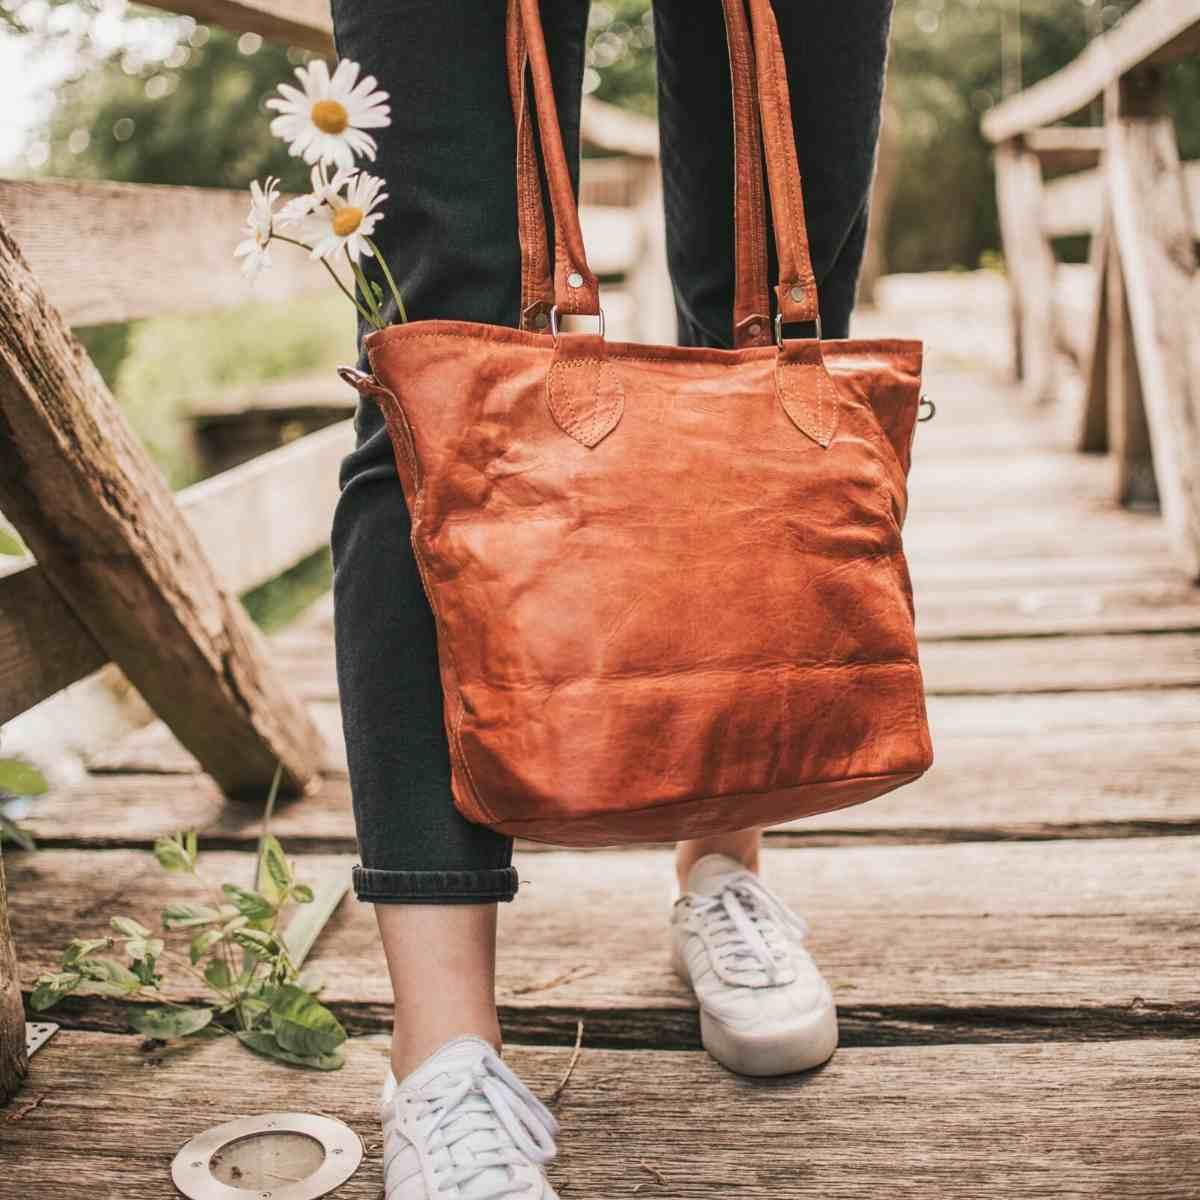 Vintage Schultertasche Taschensack  Damentasche Cognac echt Leder 708C Ital